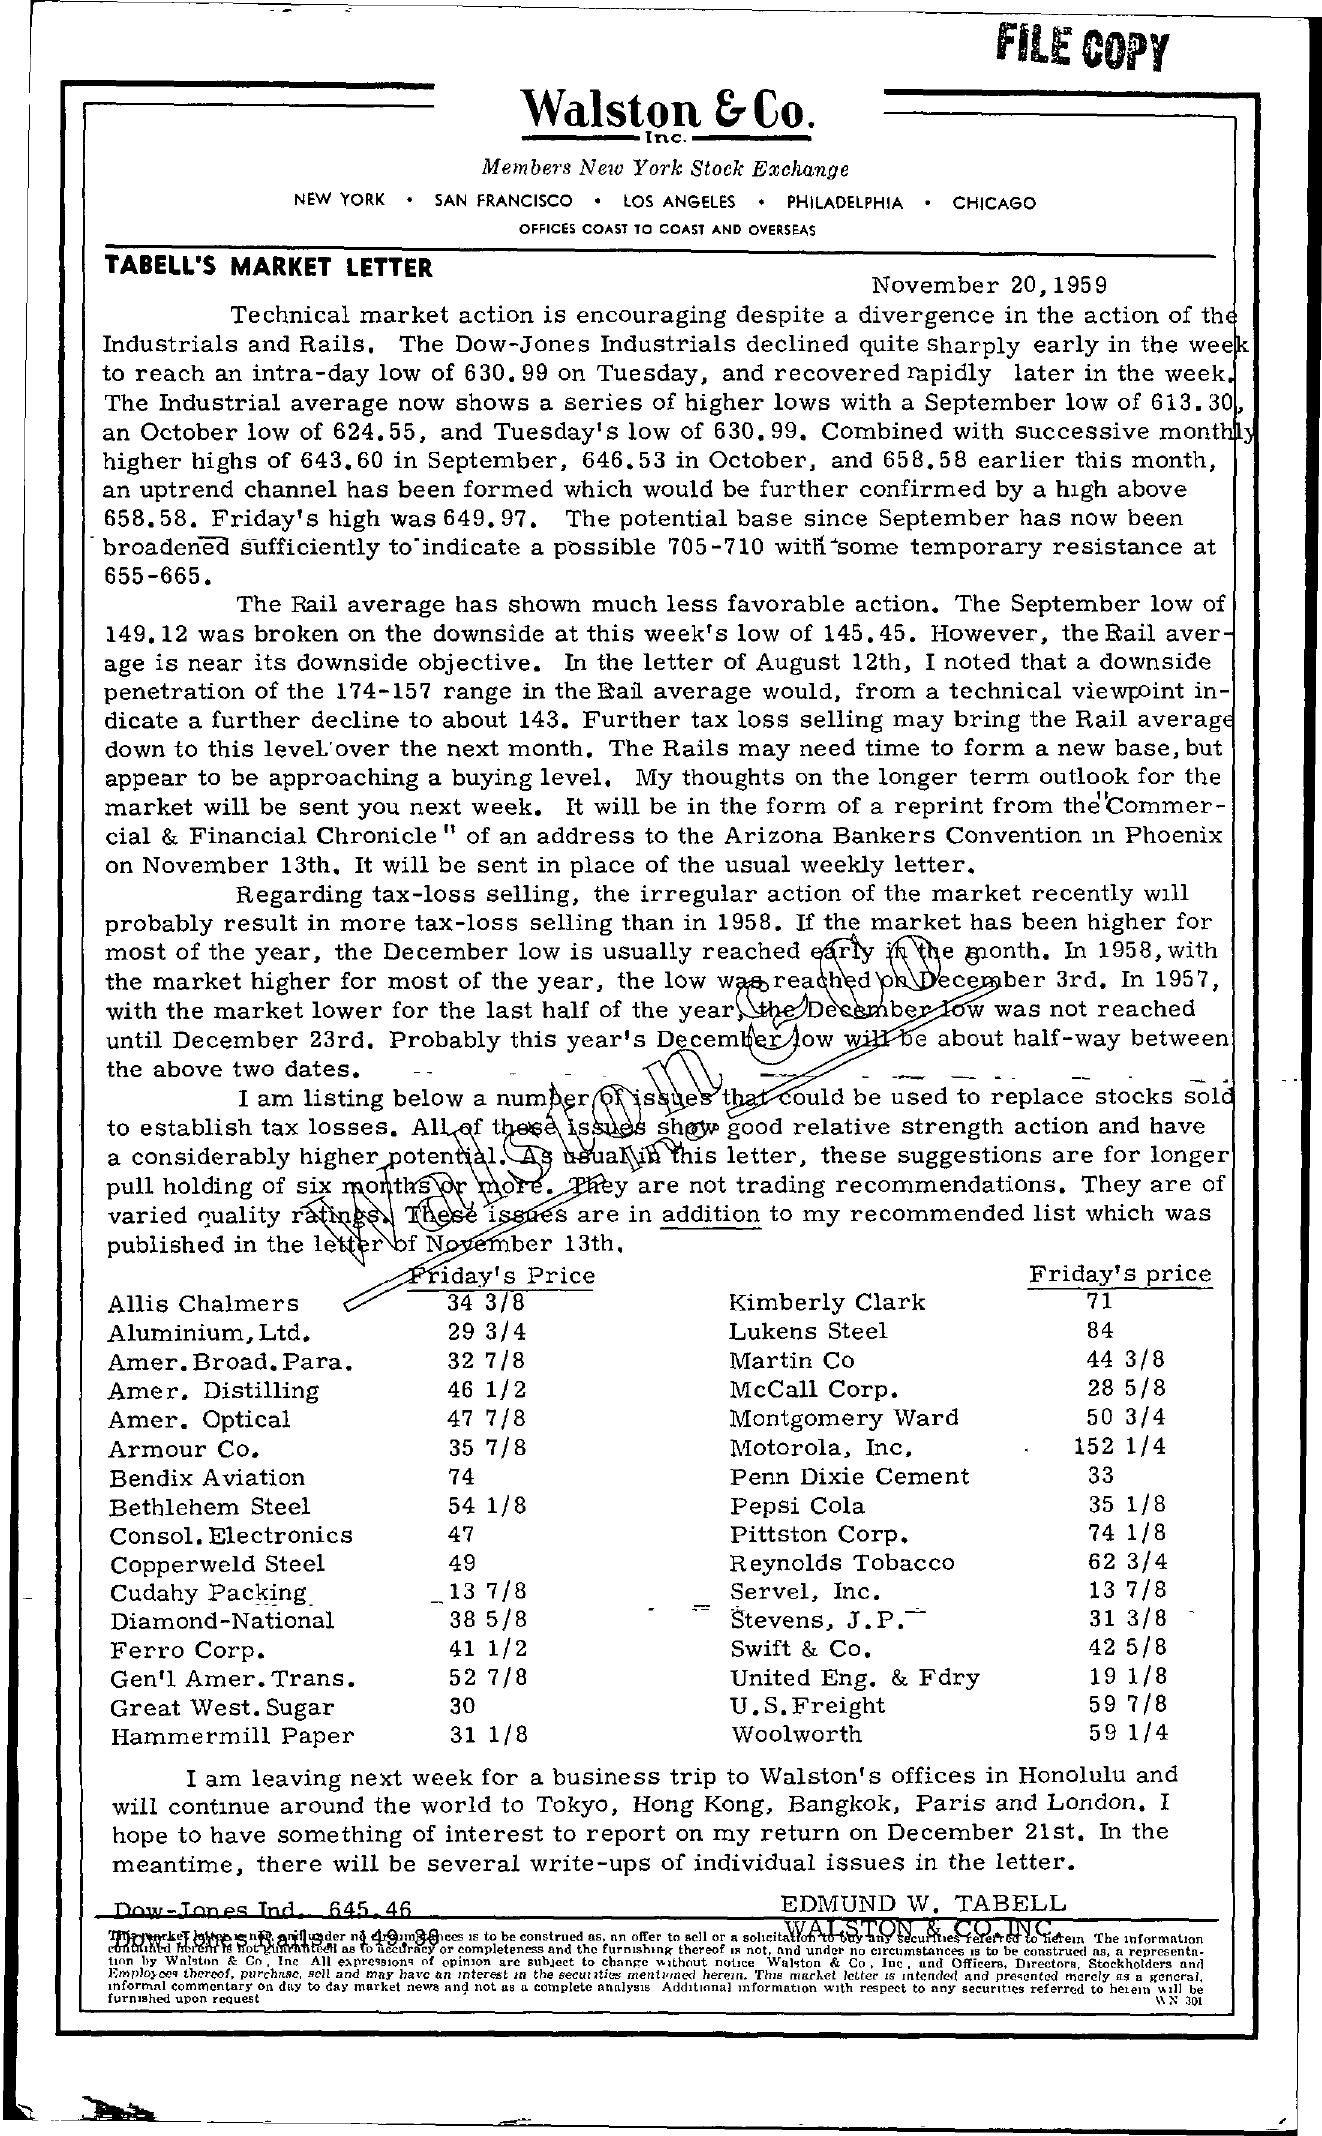 Tabell's Market Letter - November 20, 1959